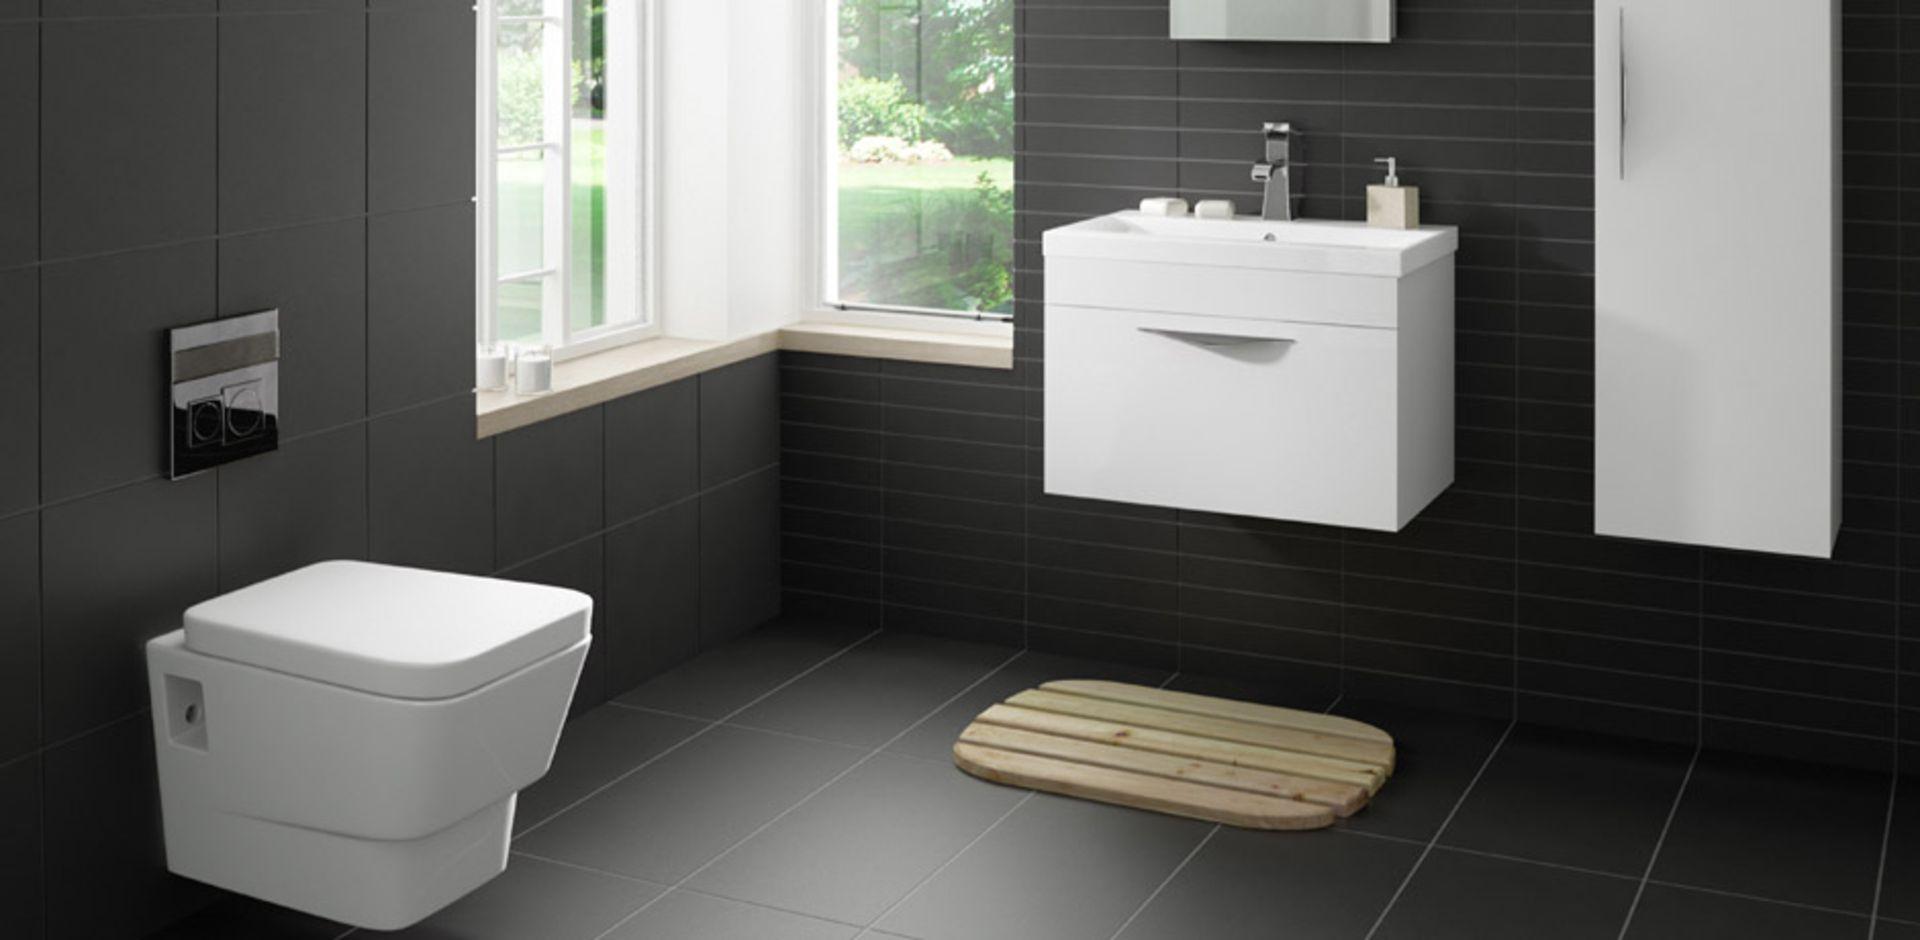 NEW 30.24M2 Pescaro Black Matt Plain Ceramic Wall & floor tile. 30x30cm per tile. Slip